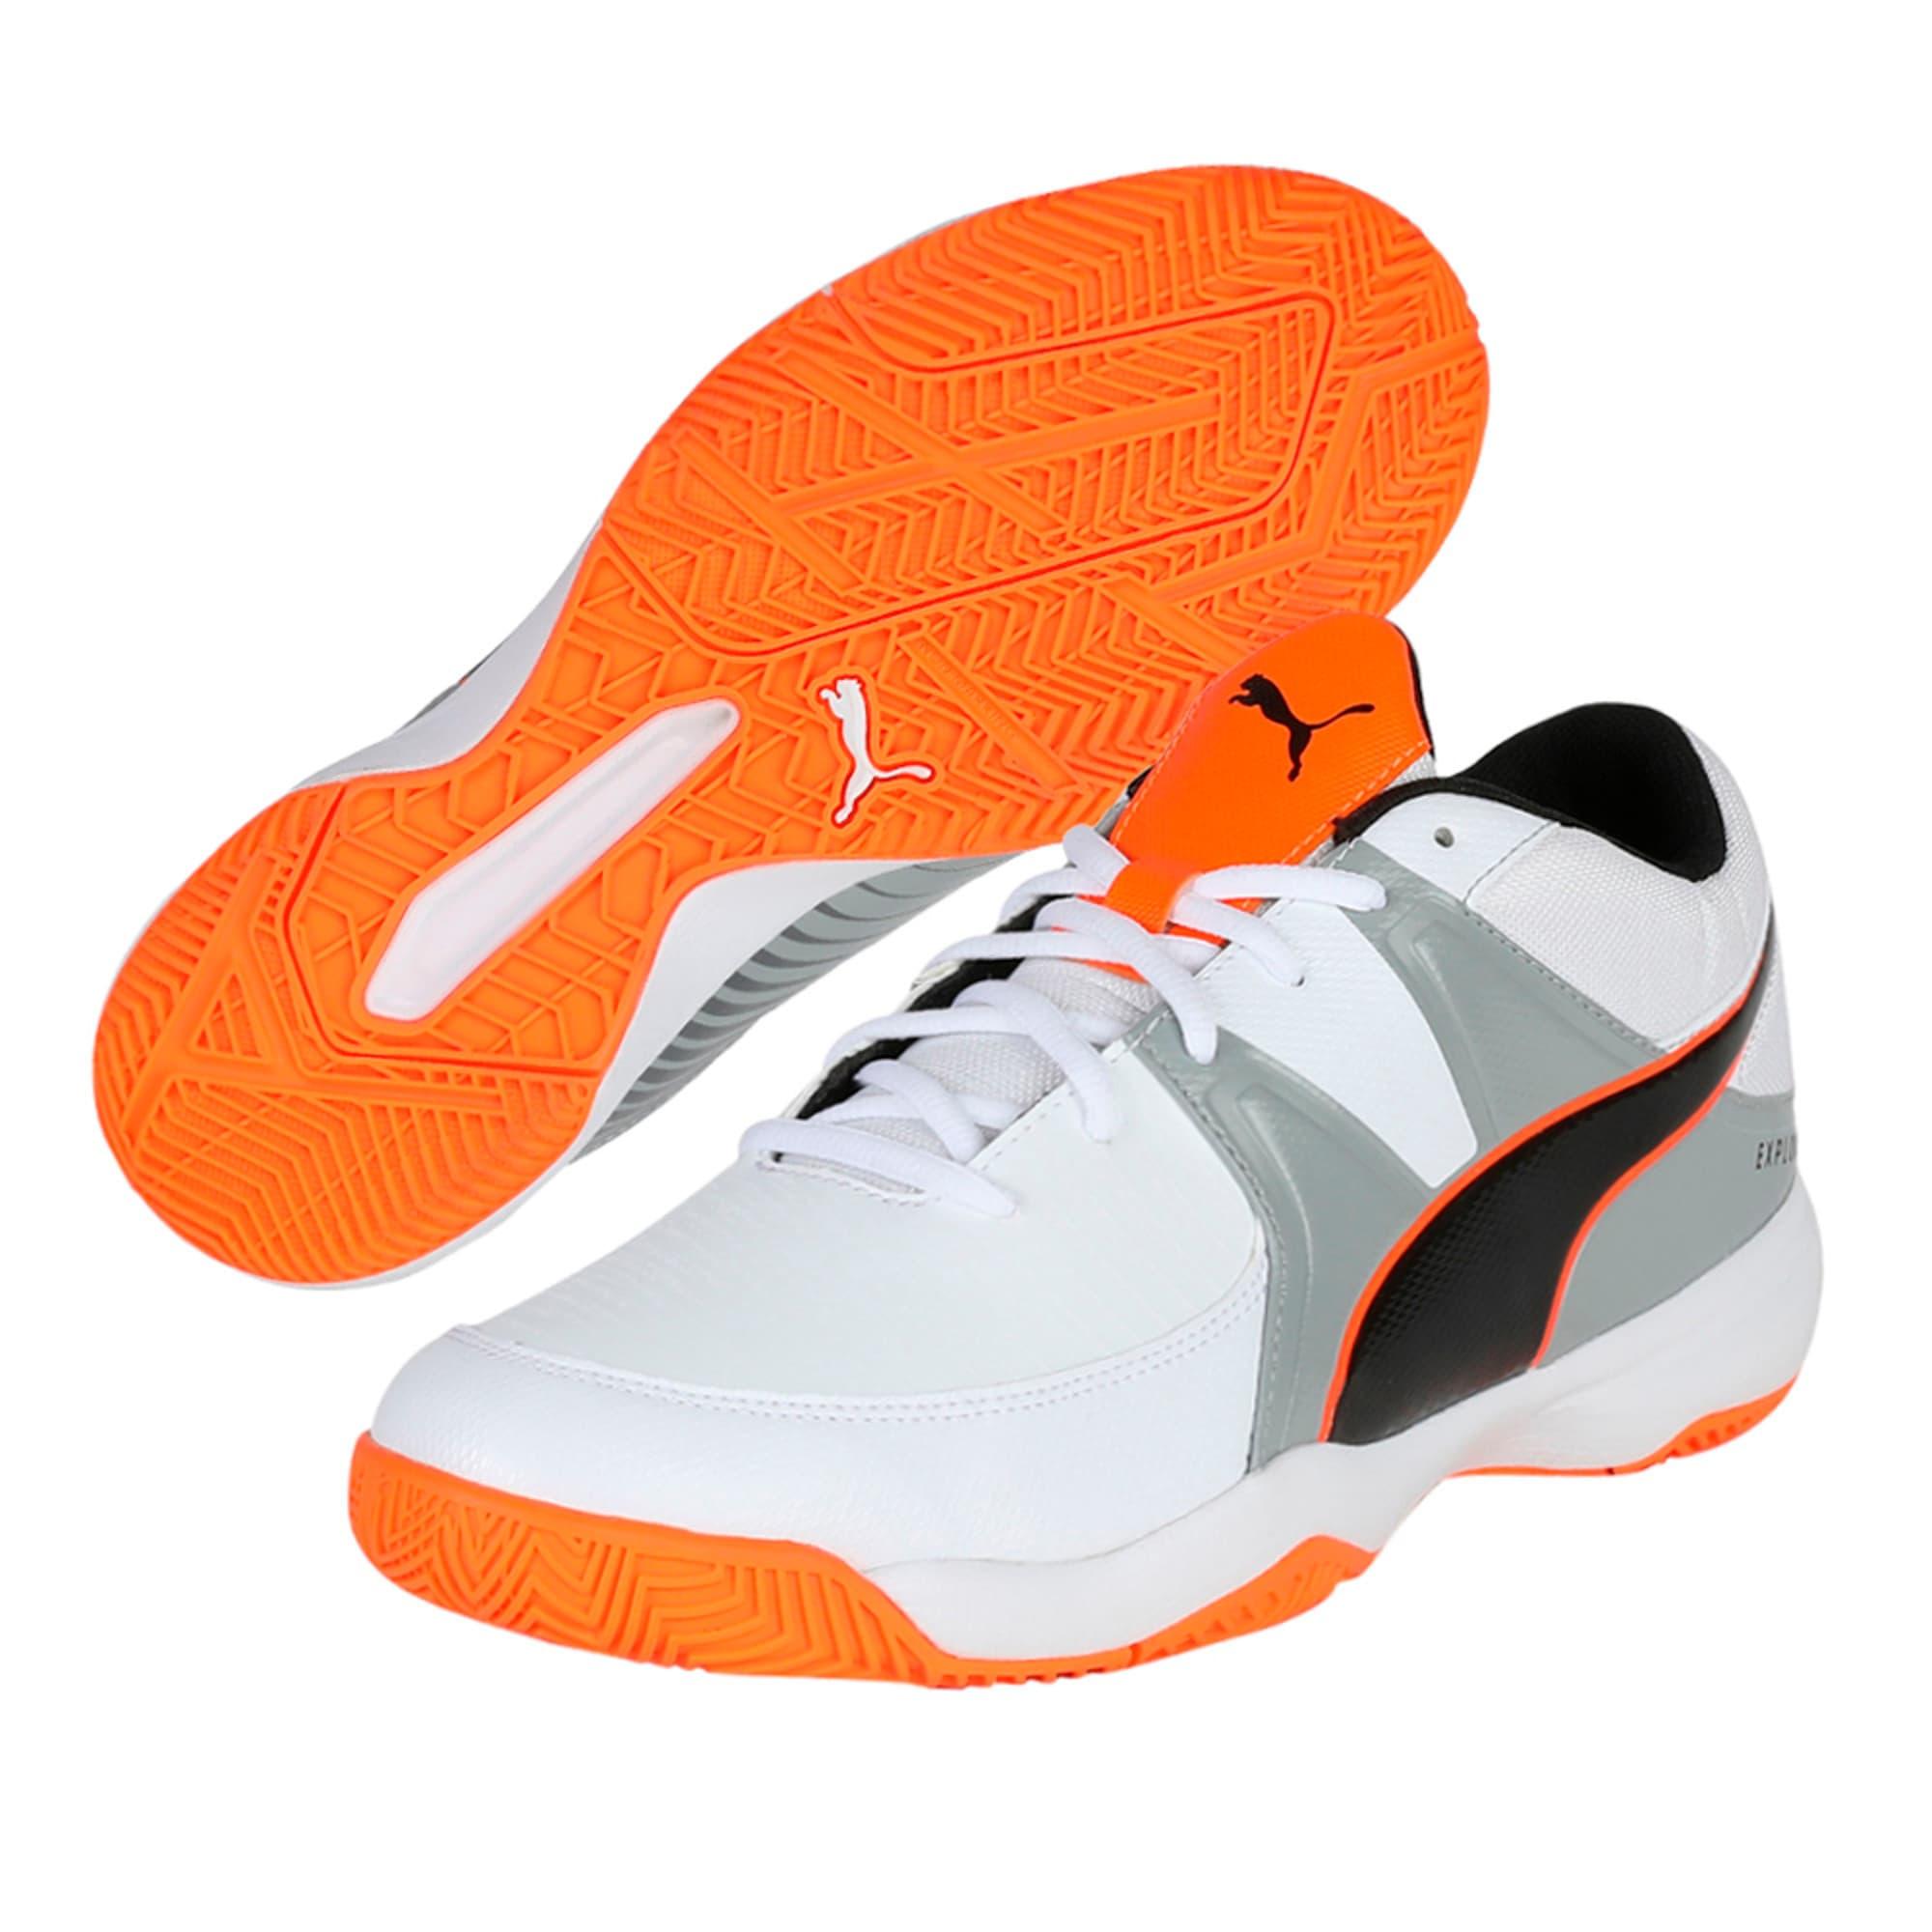 Thumbnail 5 of Explode 3 Men's Indoor Training Shoes, White-Quarry-Orange, medium-IND